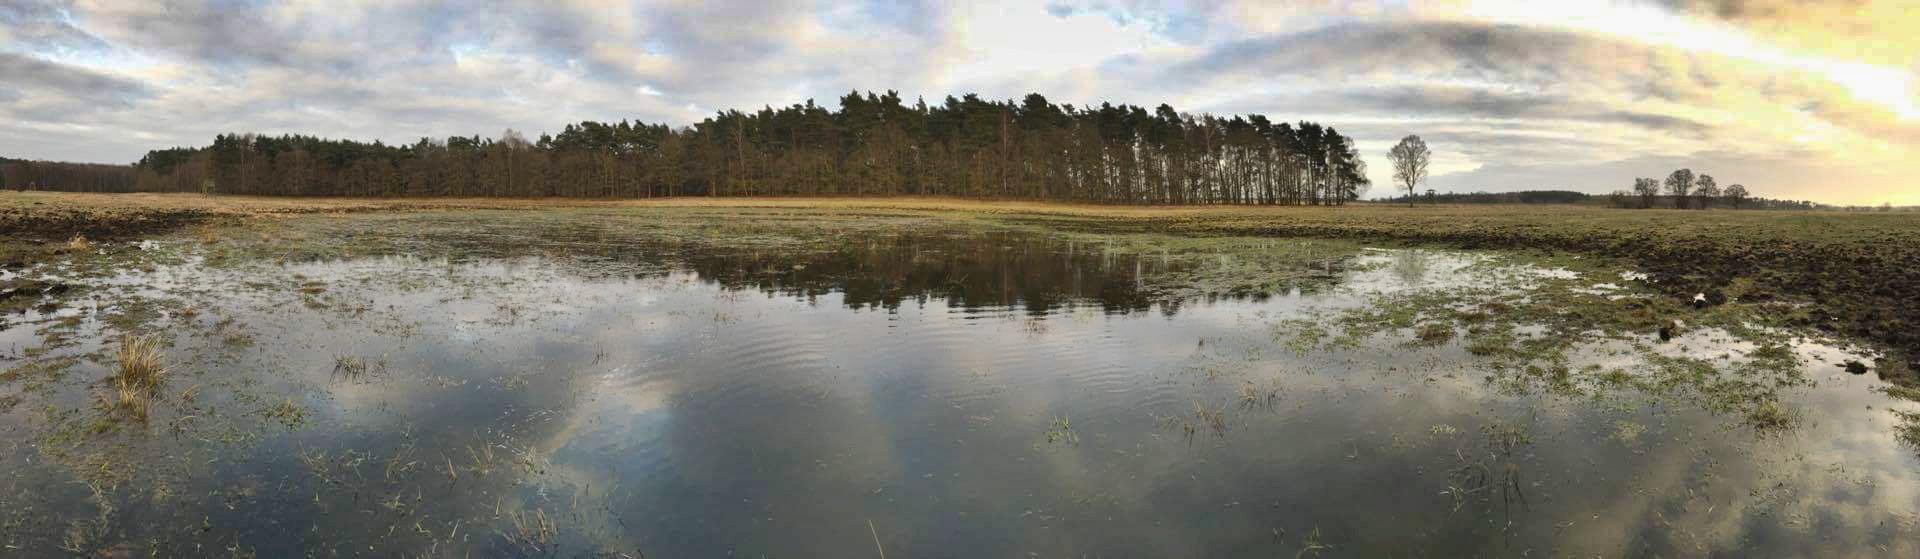 Die Wilddiebe - Revierarbeiten im Frühjahr Entwässerung Jägermagazin Reilmann Reilmanns